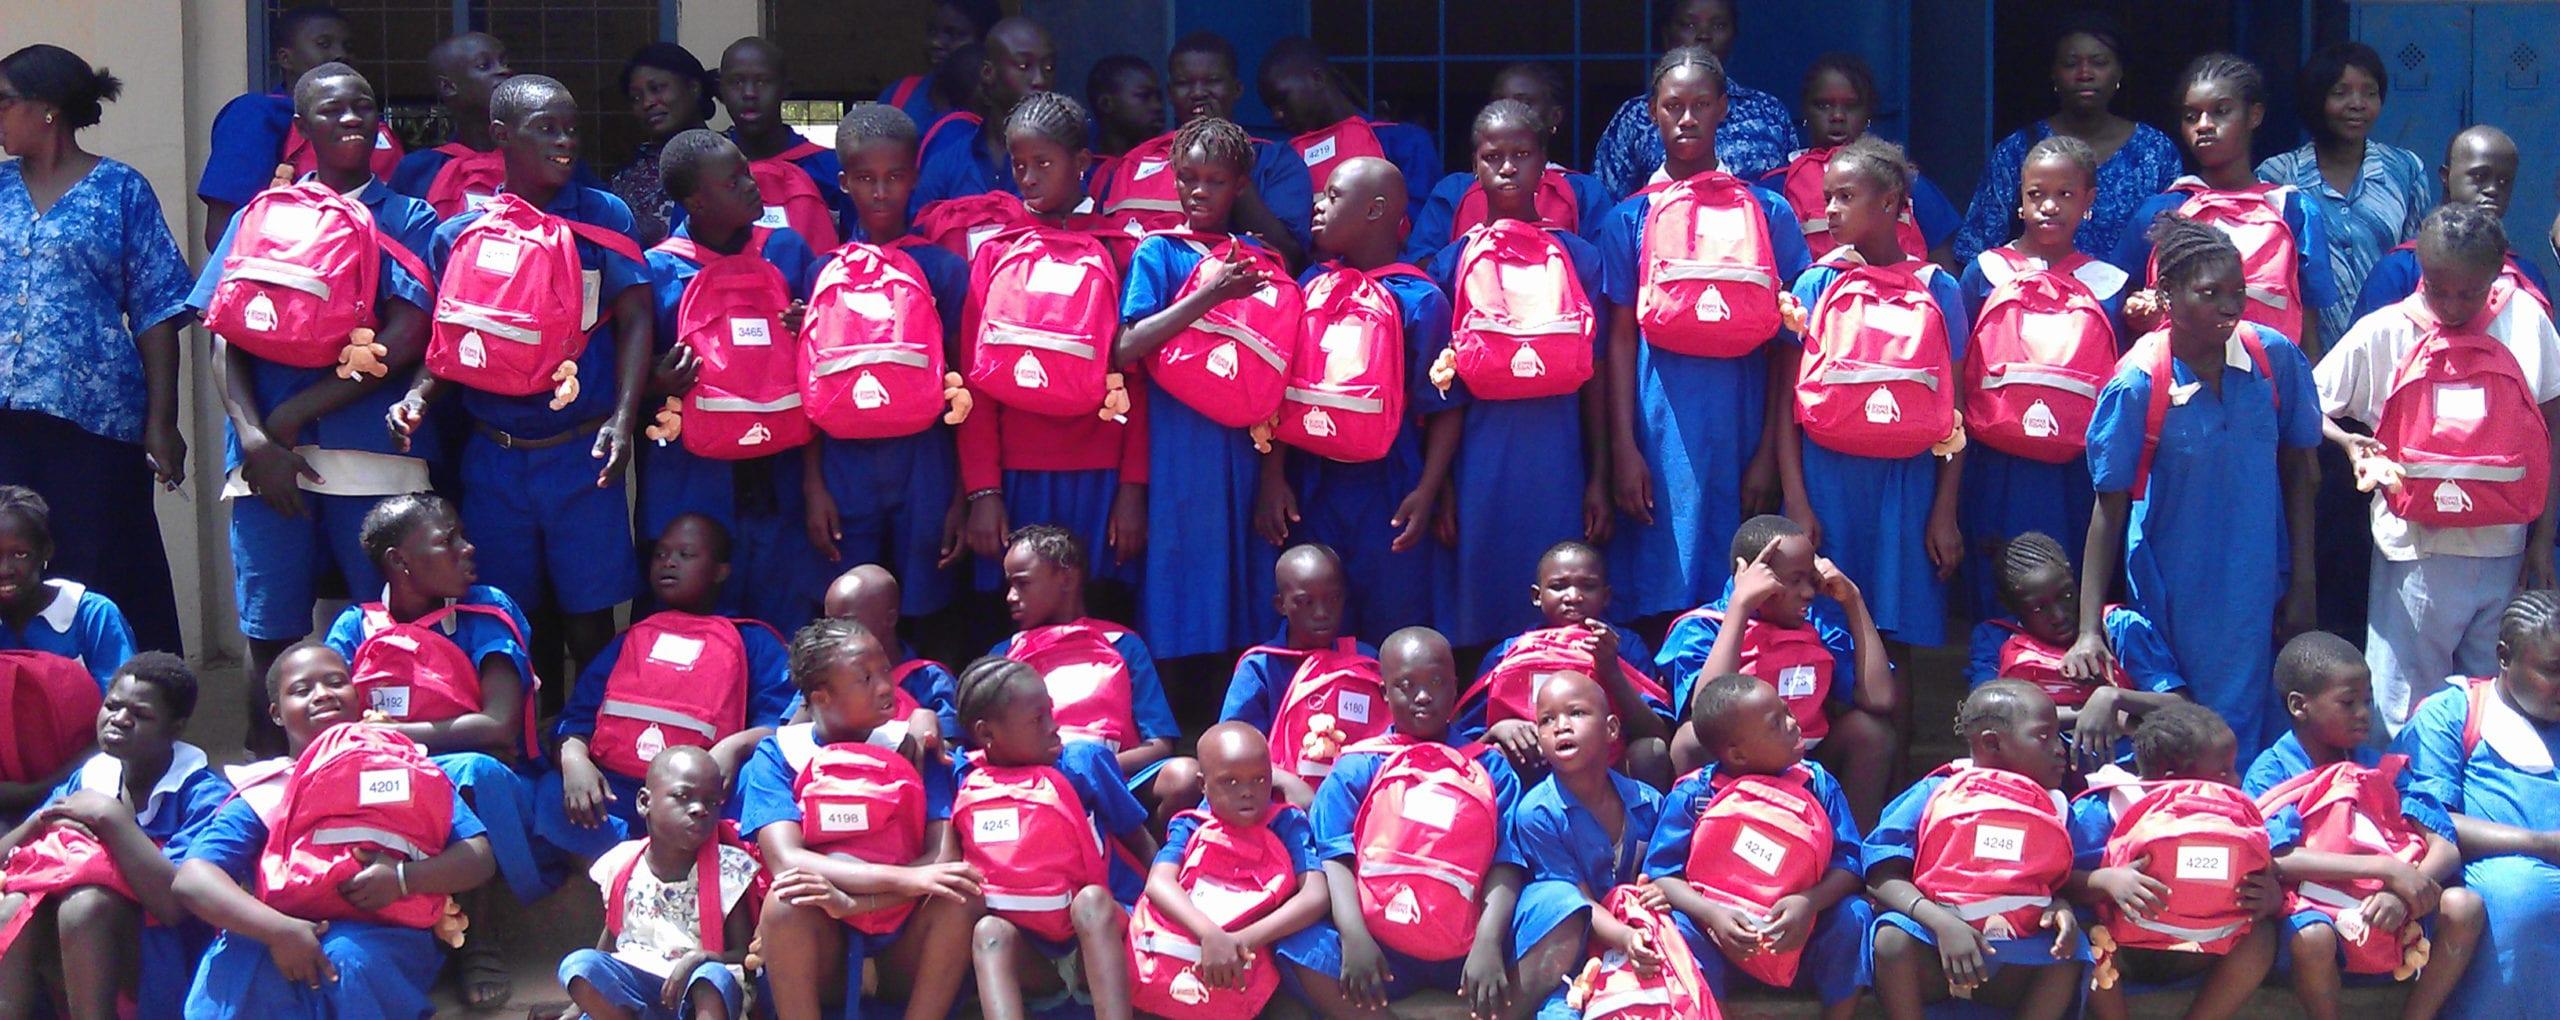 School Children with their SchoolBags